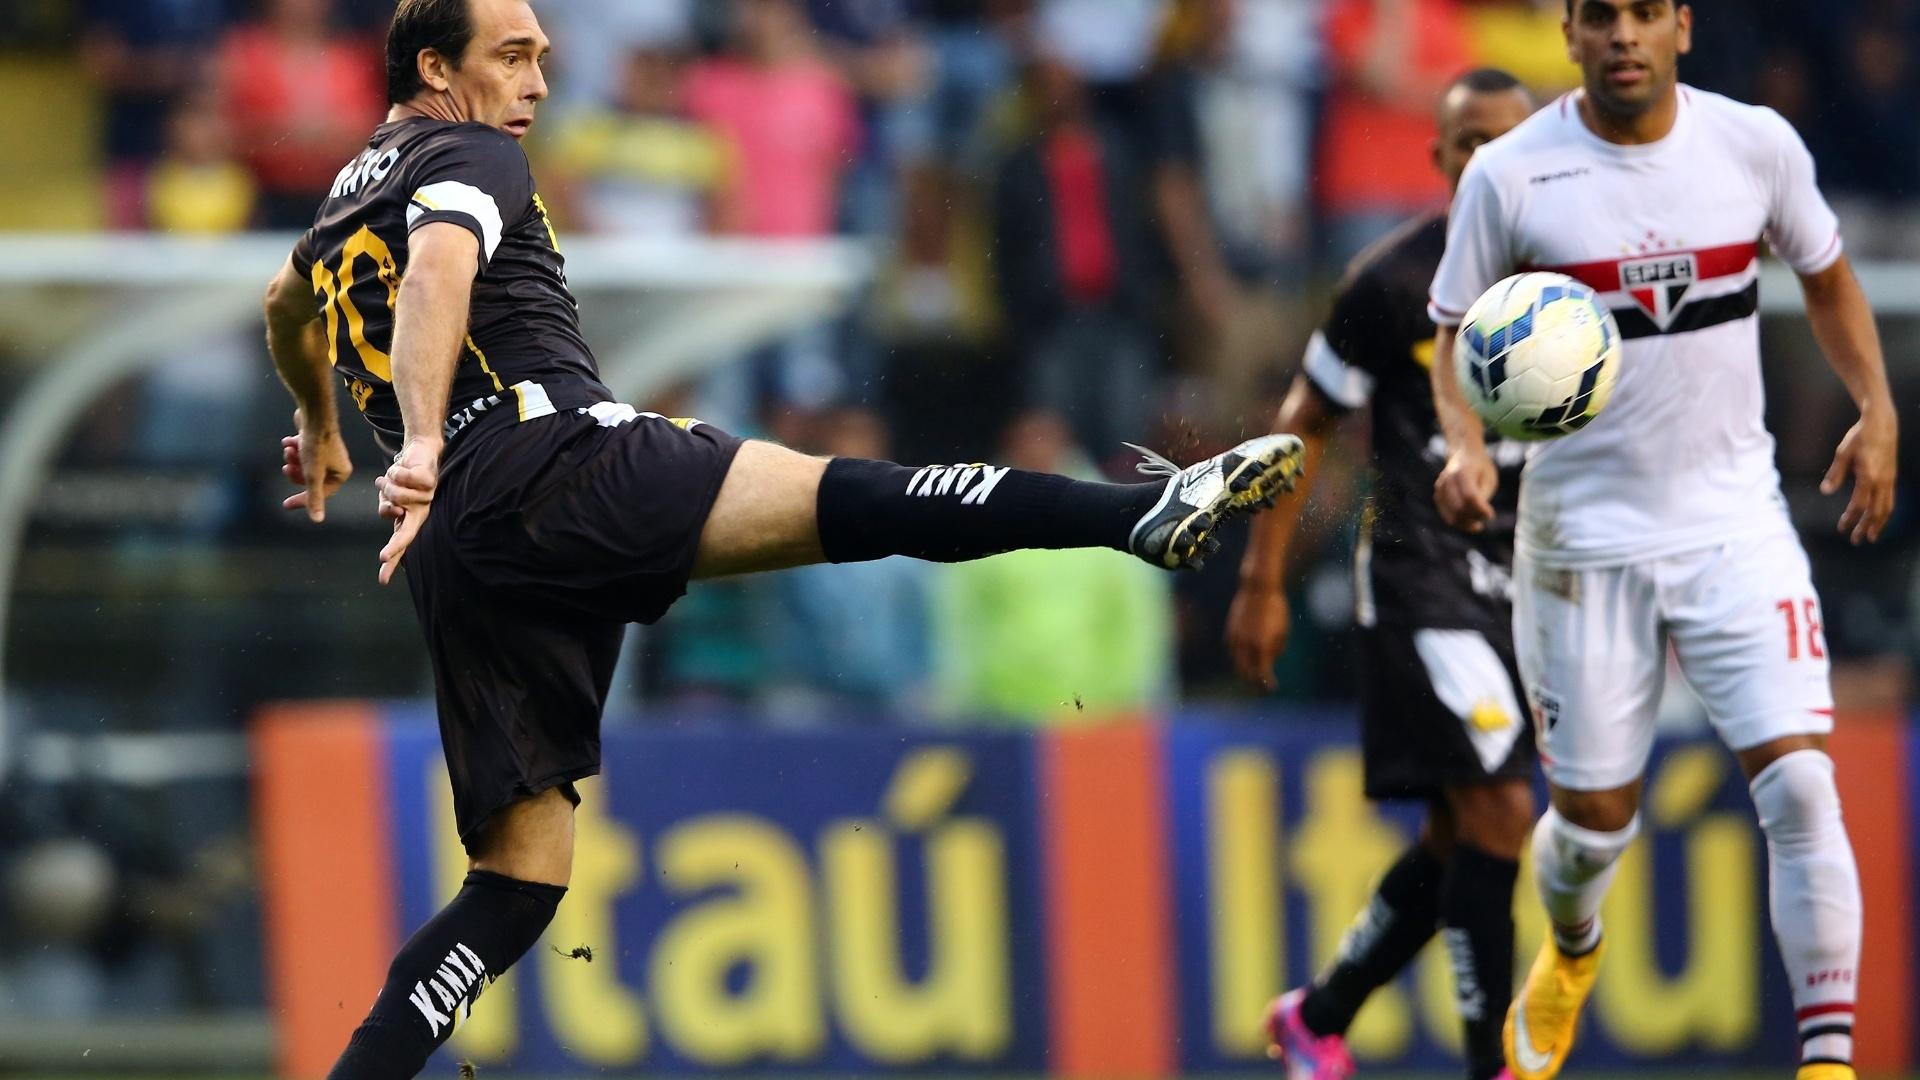 Paulo Baier se estica para tentar dominar a bola no jogo entre São Paulo e Criciúma